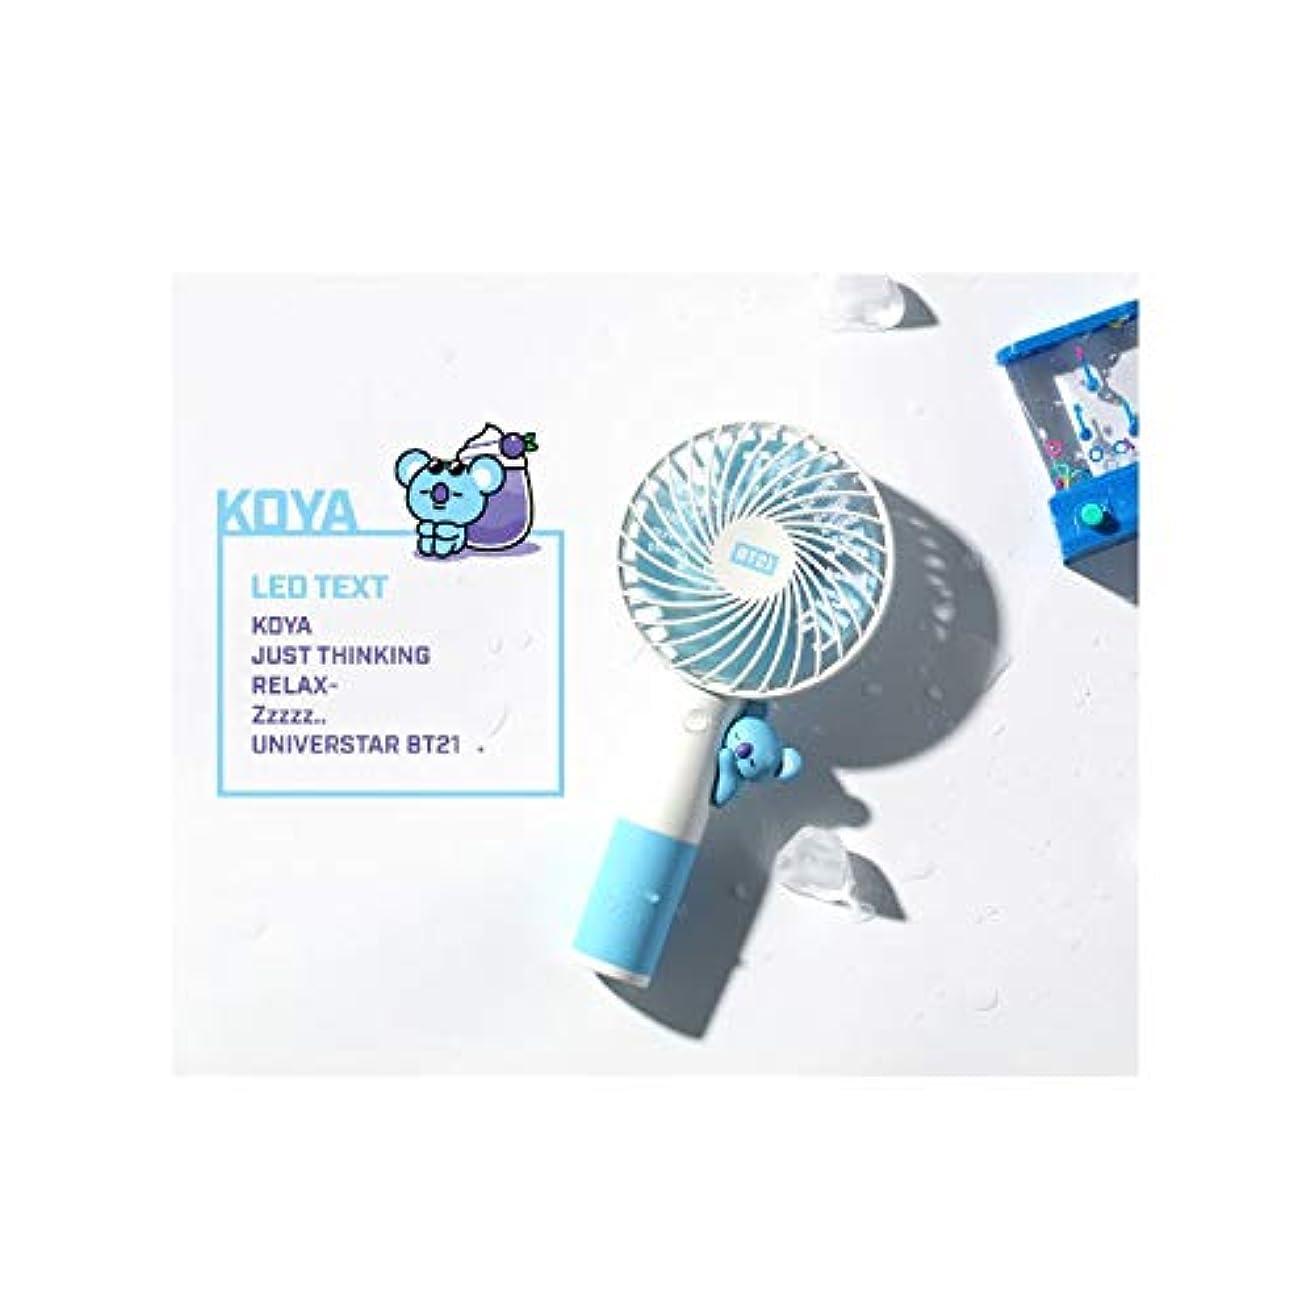 公式★BT21ハンディLED扇風機 携帯扇風機 2019 HANDYFAN7種 BTSグッズ 韓国語 (KOYA)